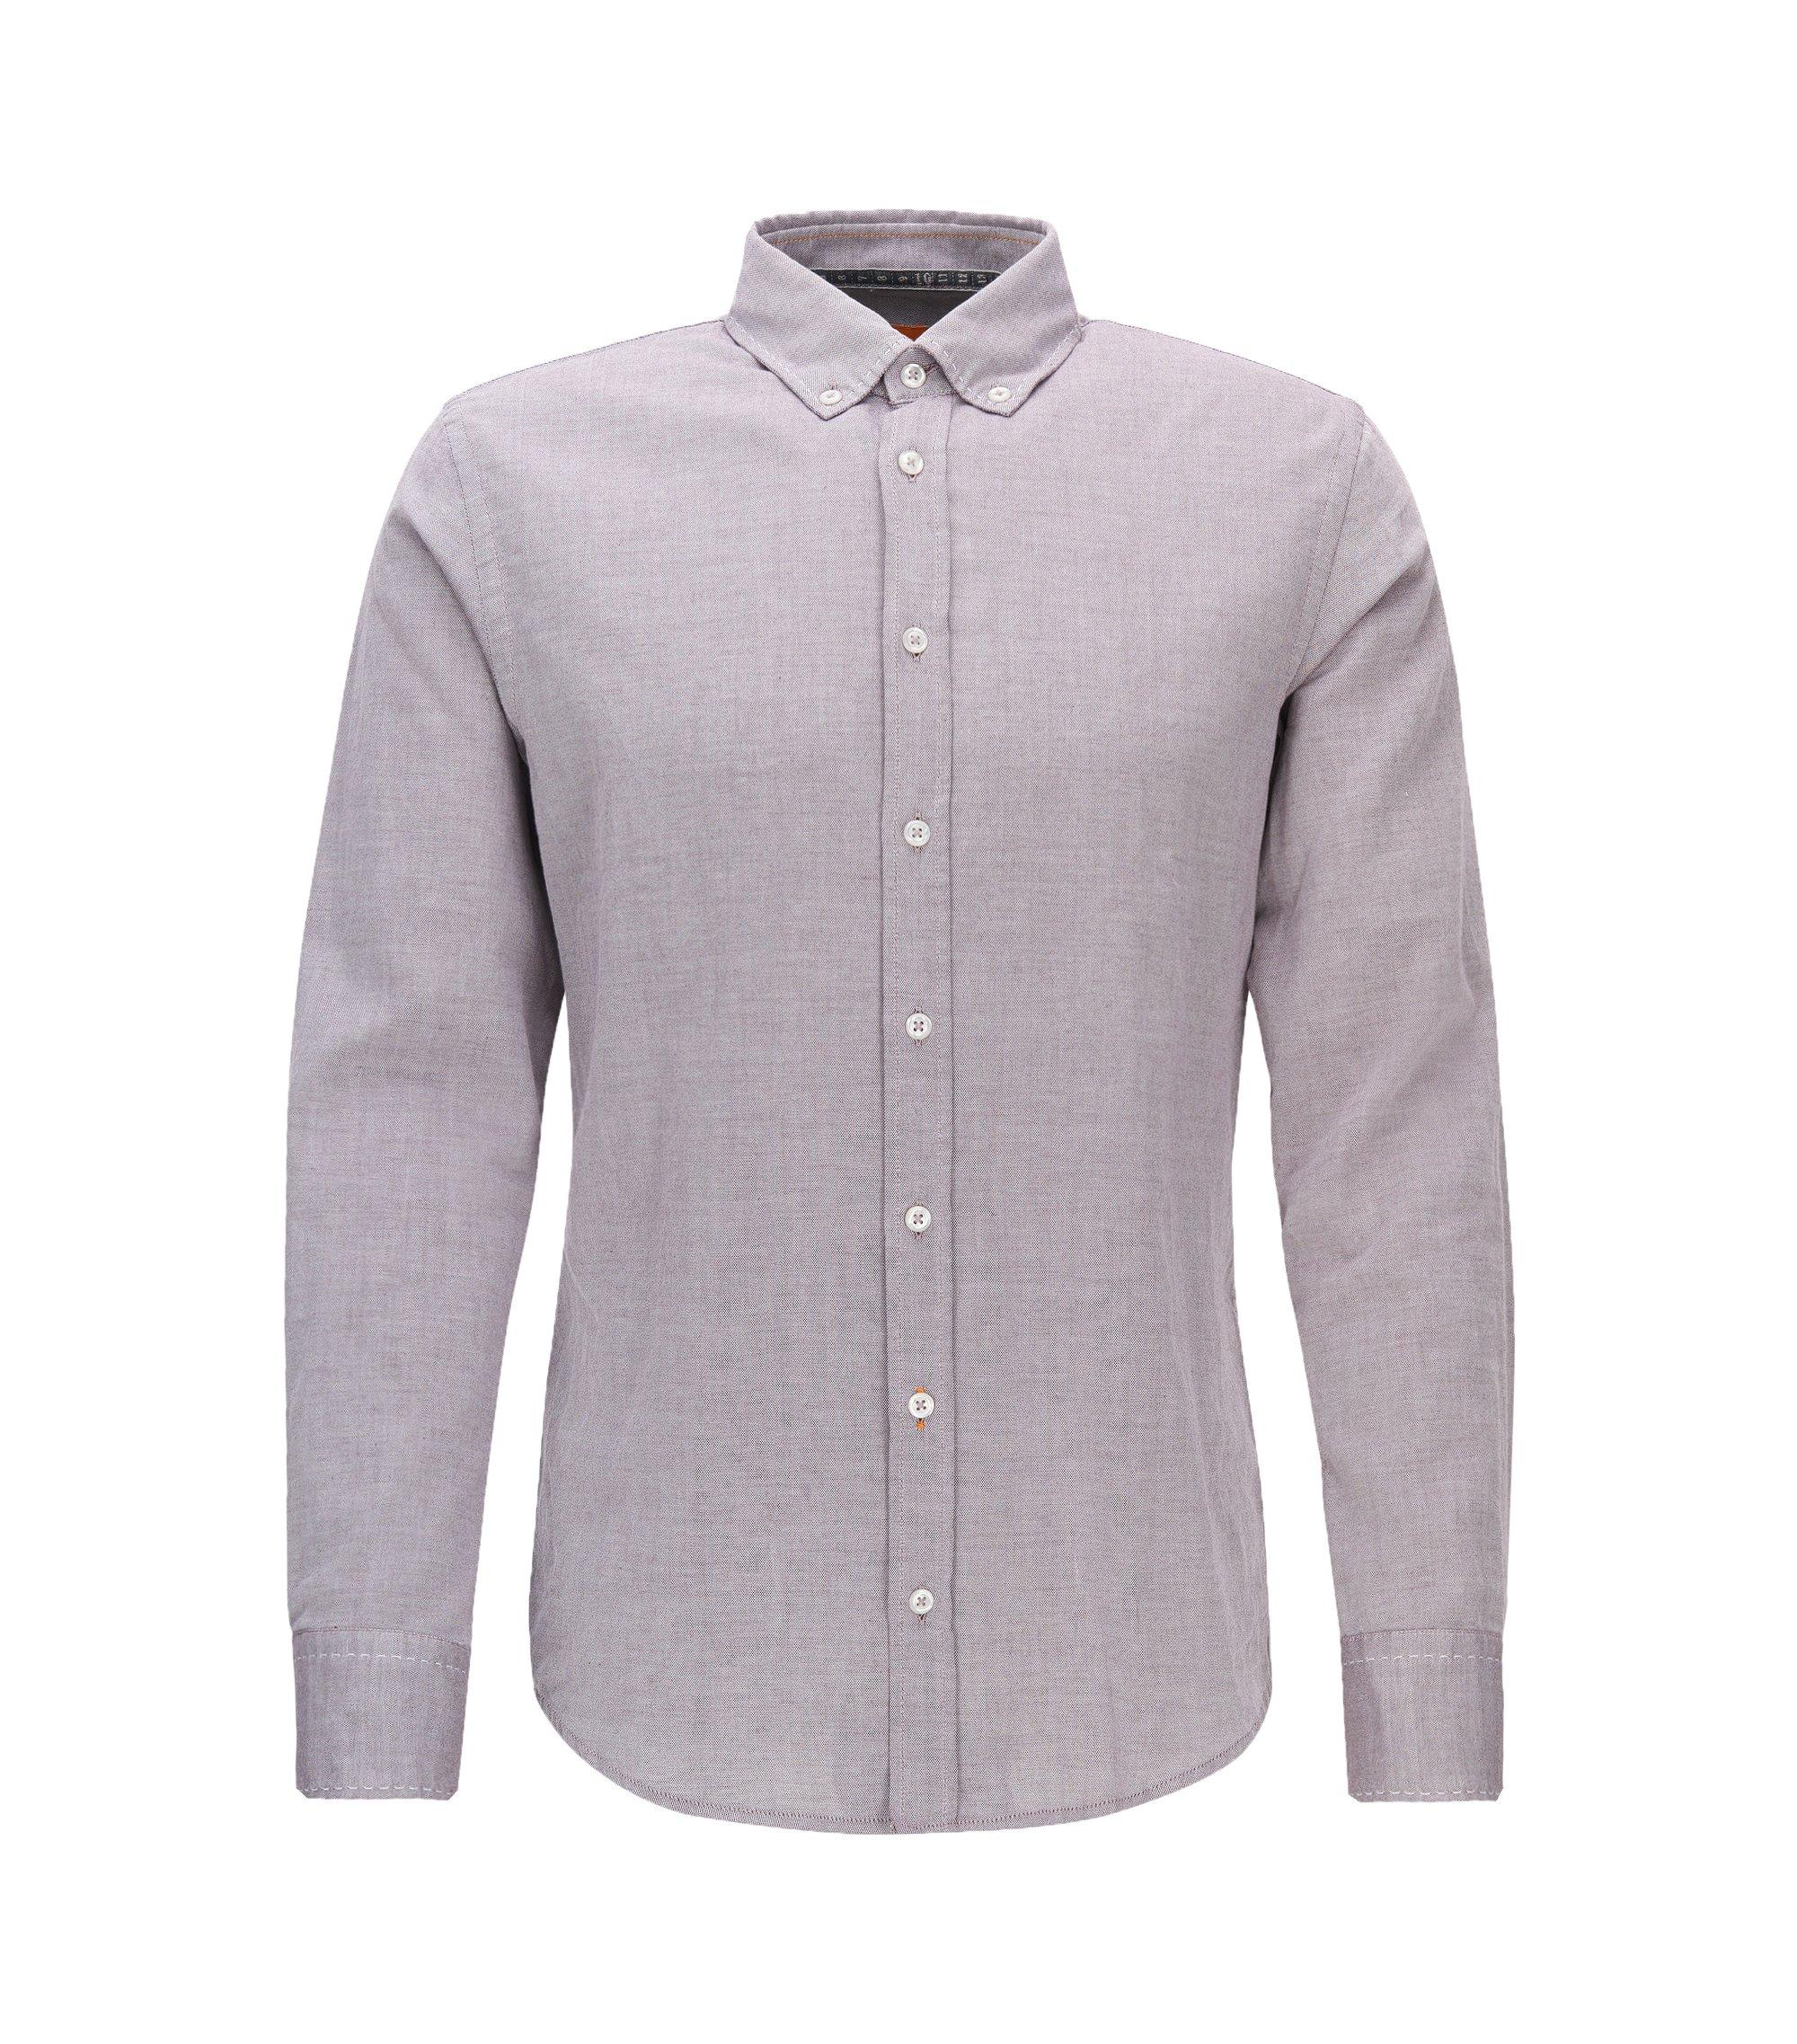 Camicia slim fit in cotone Oxford spazzolato, Rosso chiaro